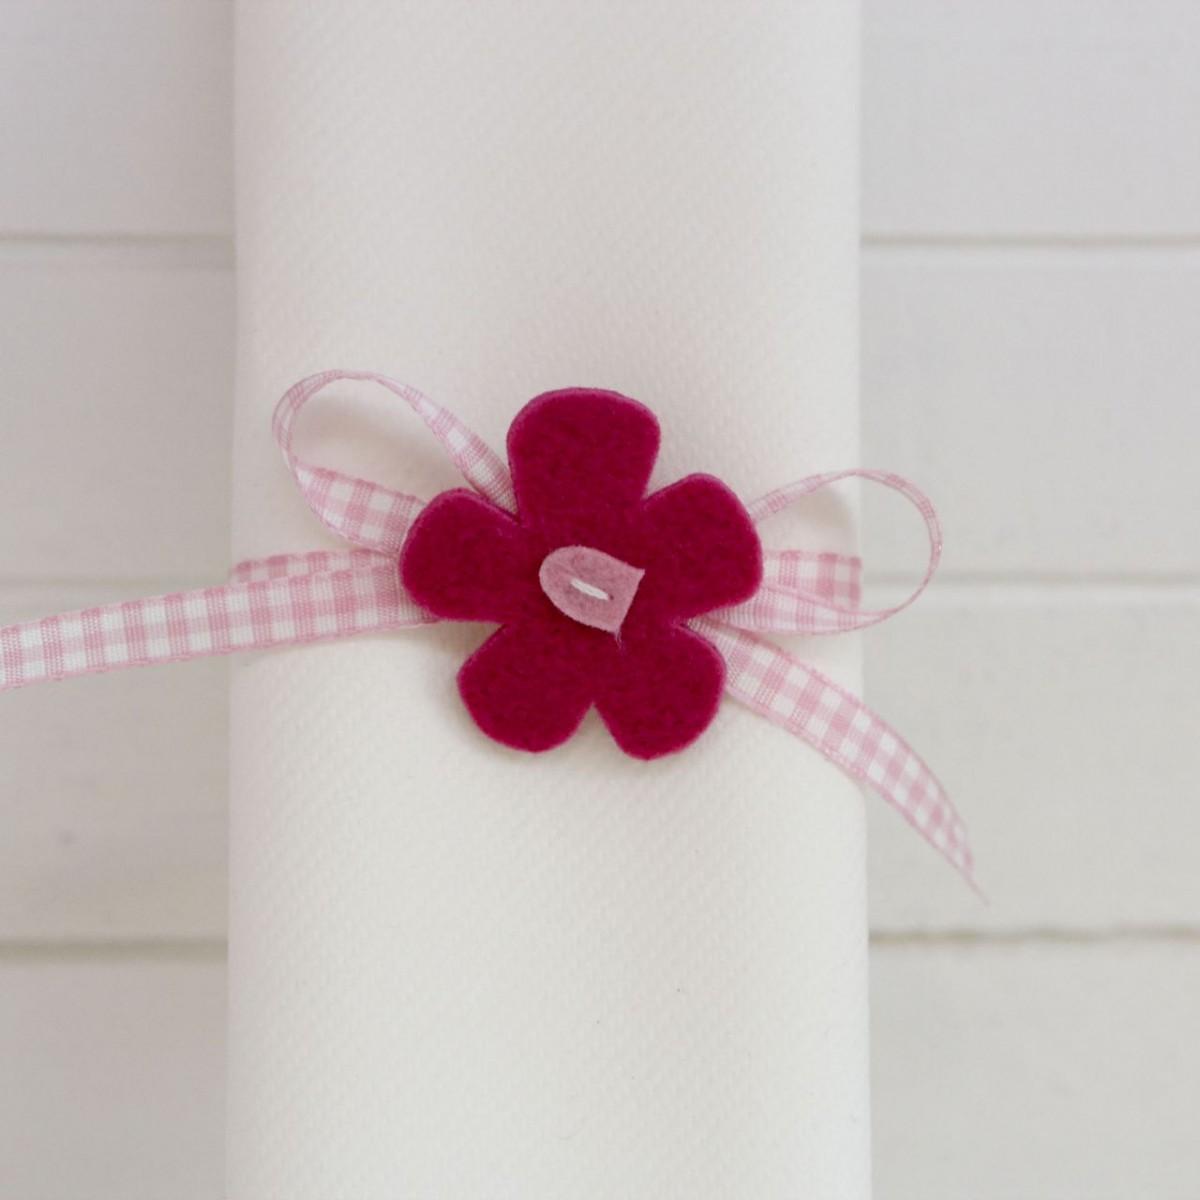 rond de serviette fleur fuchsia les p tites f es. Black Bedroom Furniture Sets. Home Design Ideas